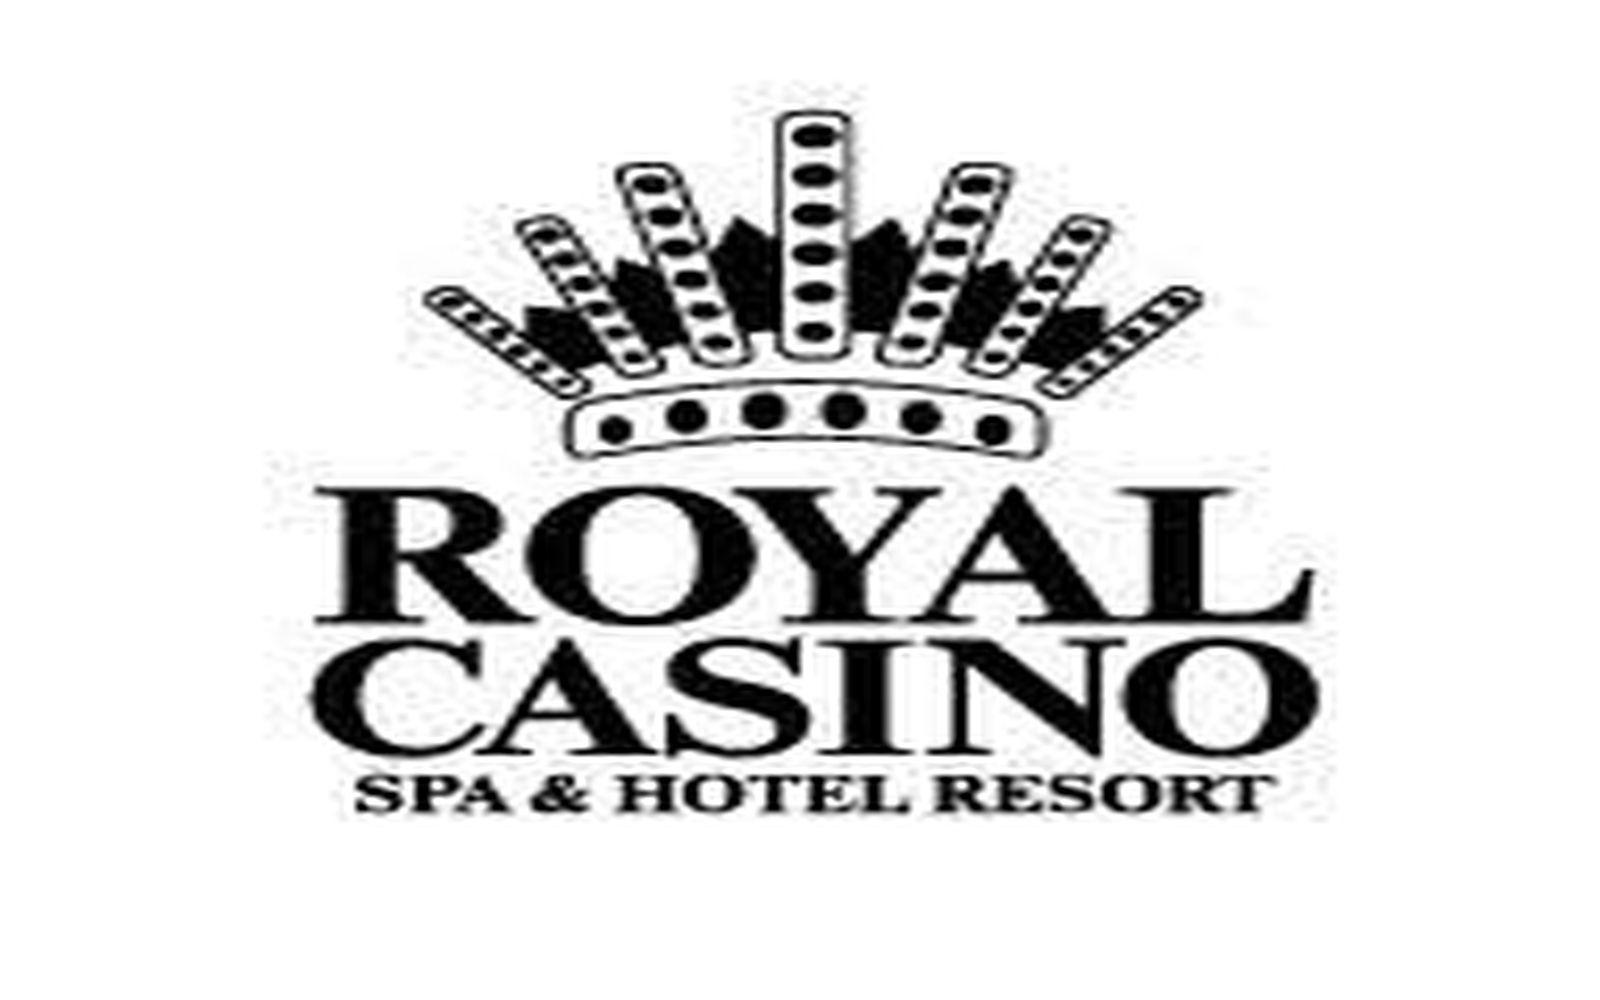 Royal Casino Riga